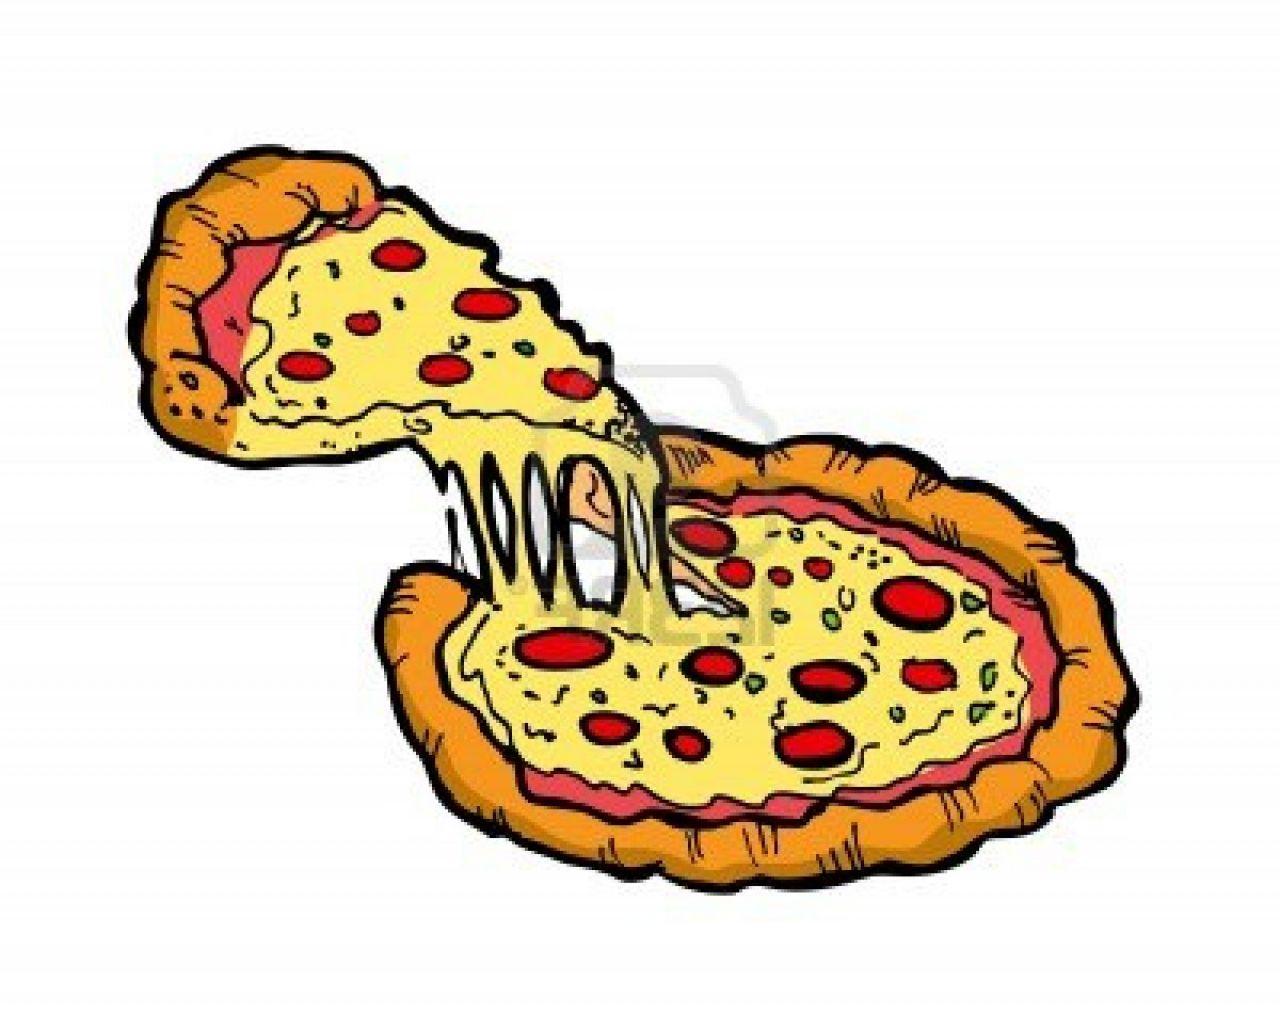 1280x1014 Clip Art Of Pizza